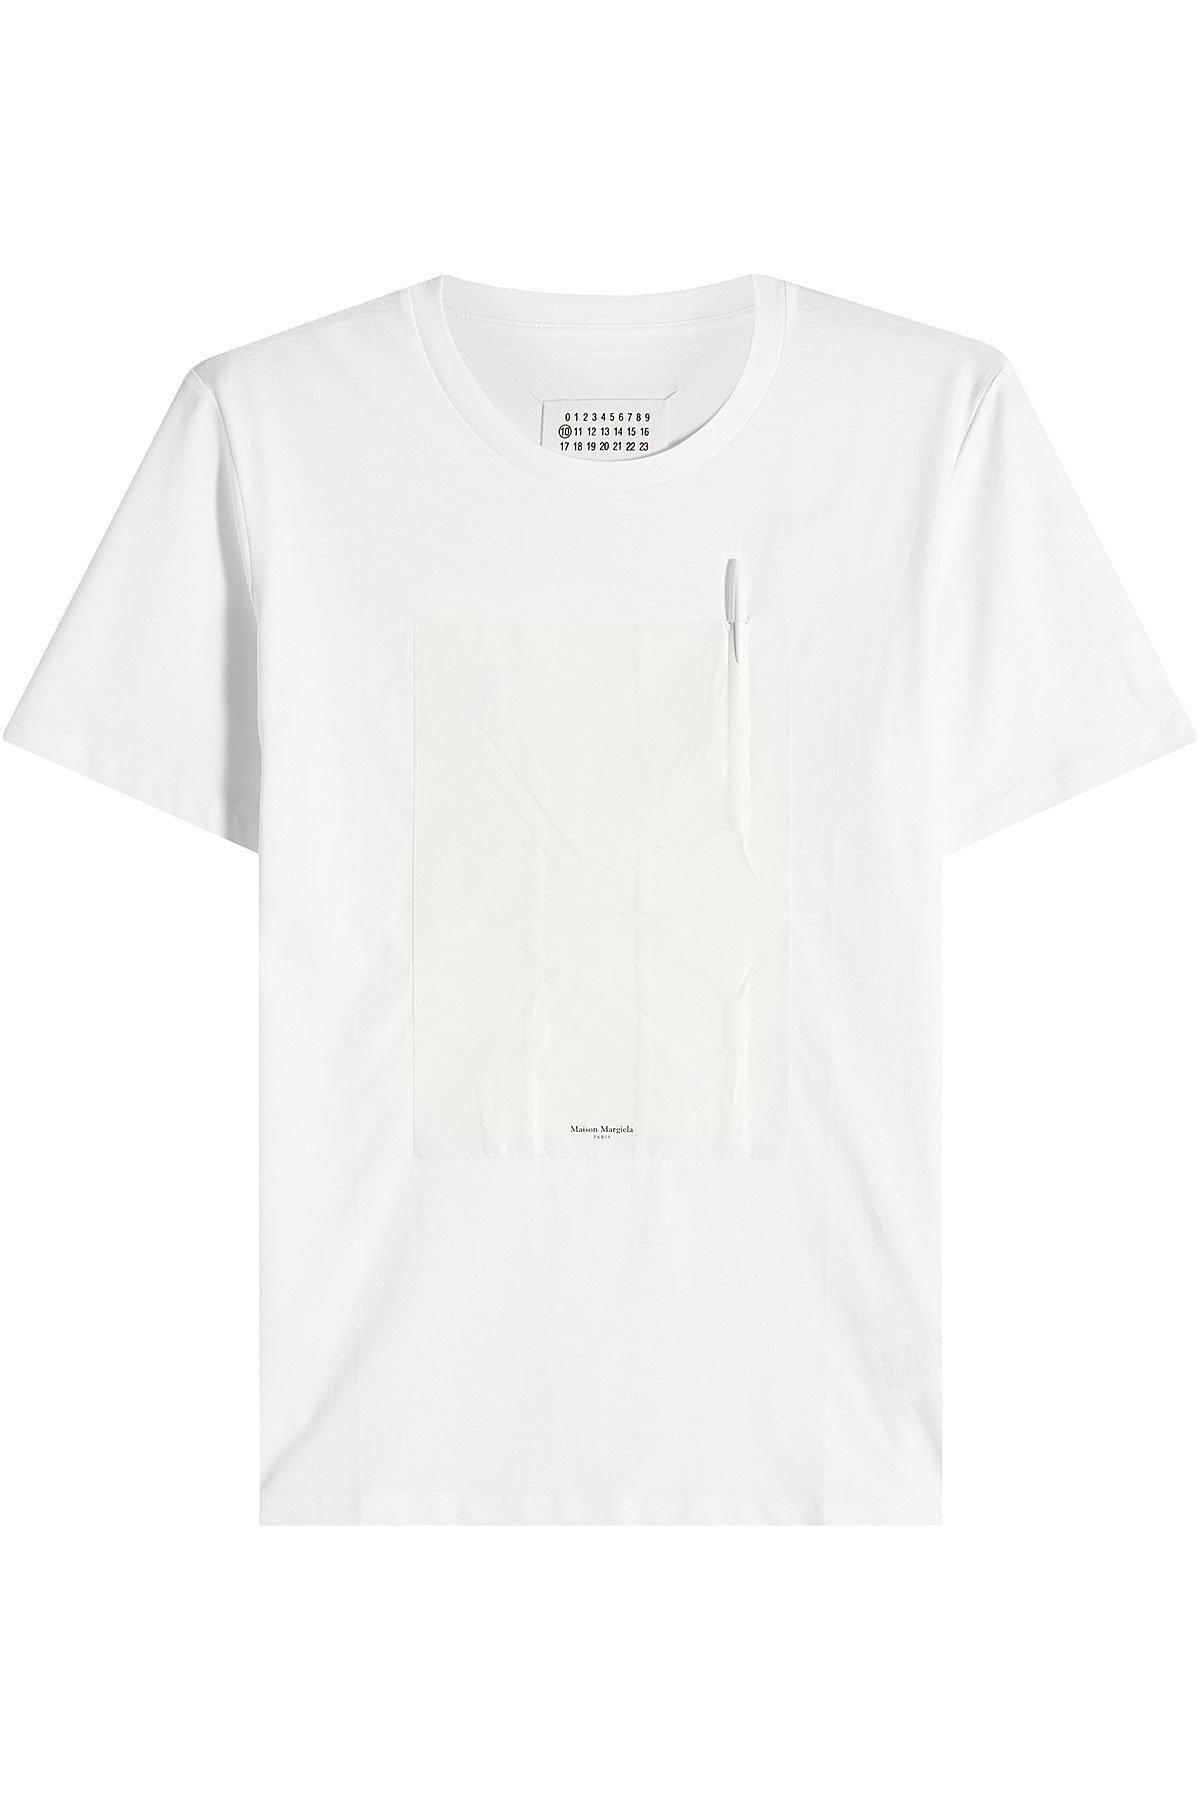 #AdoreWe #STYLEBOP.com (FR/NL/IT) Shirts & Tops - Maison Margiela Maison  Margiela Cotton T-Shirt - AdoreWe.com